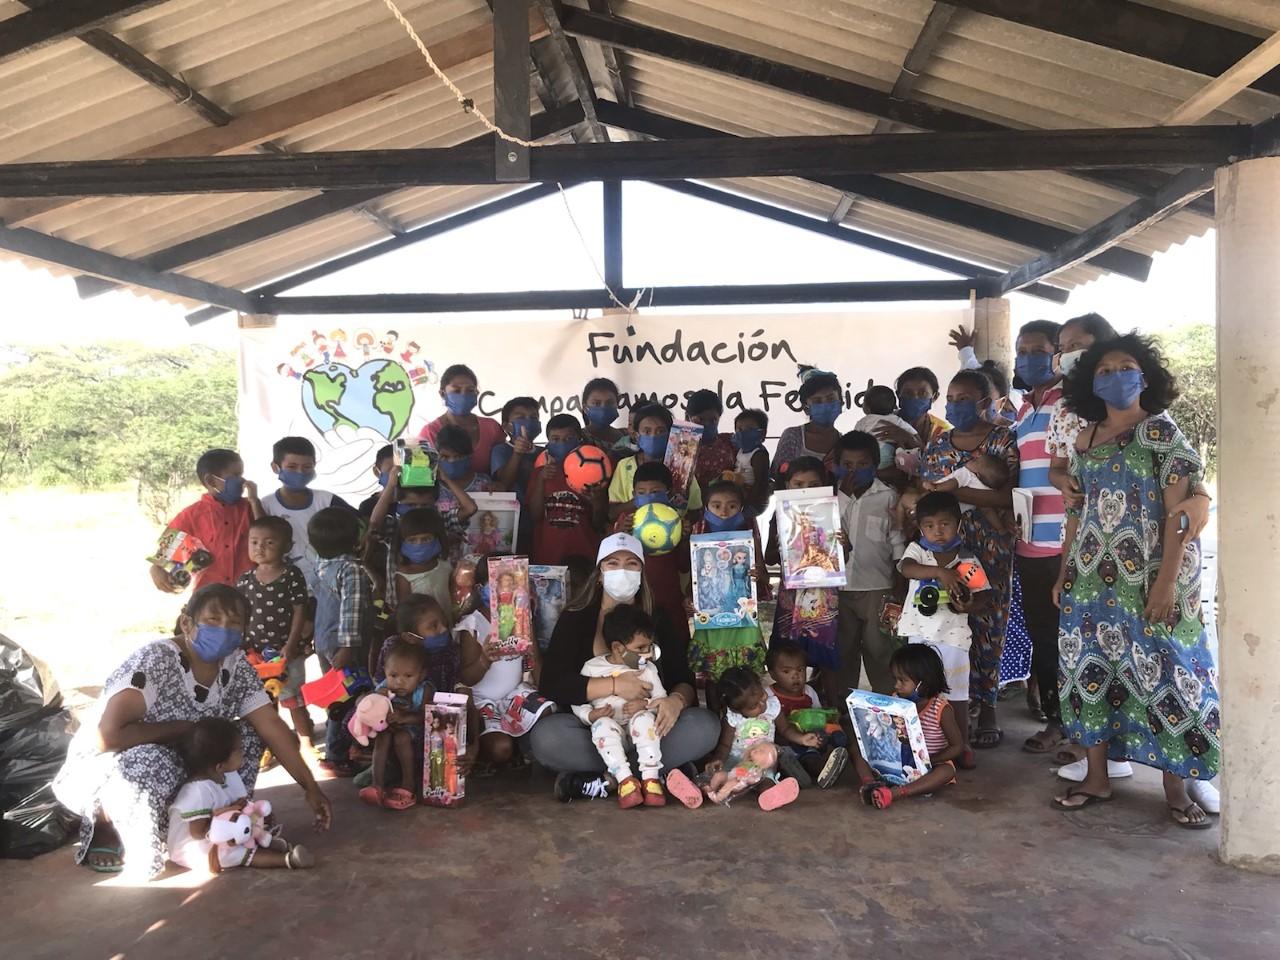 https://www.notasrosas.com/Fundación  'Compartamos la Felicidad', realizó Balance de Actividades 2020